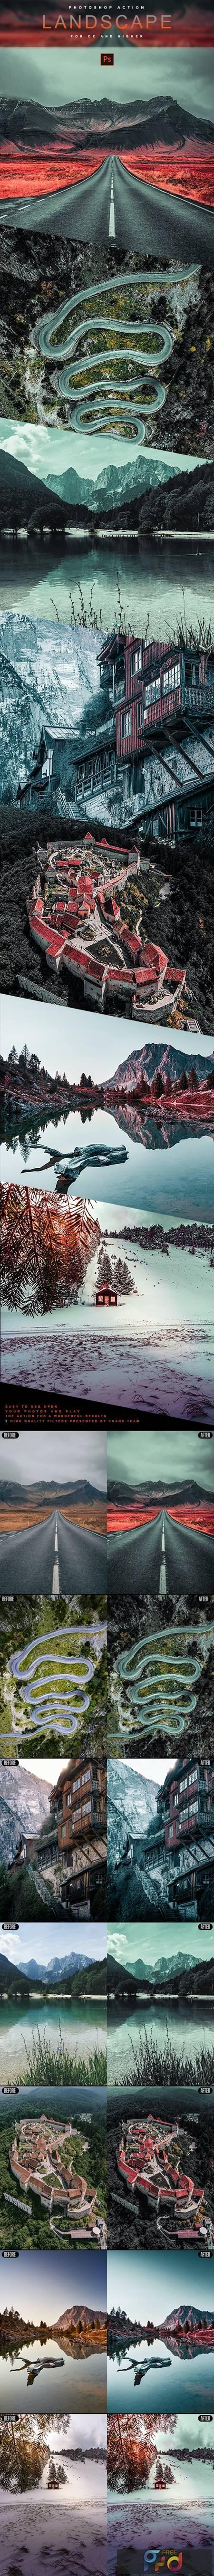 Landscape - Photoshop Action 28868473 1